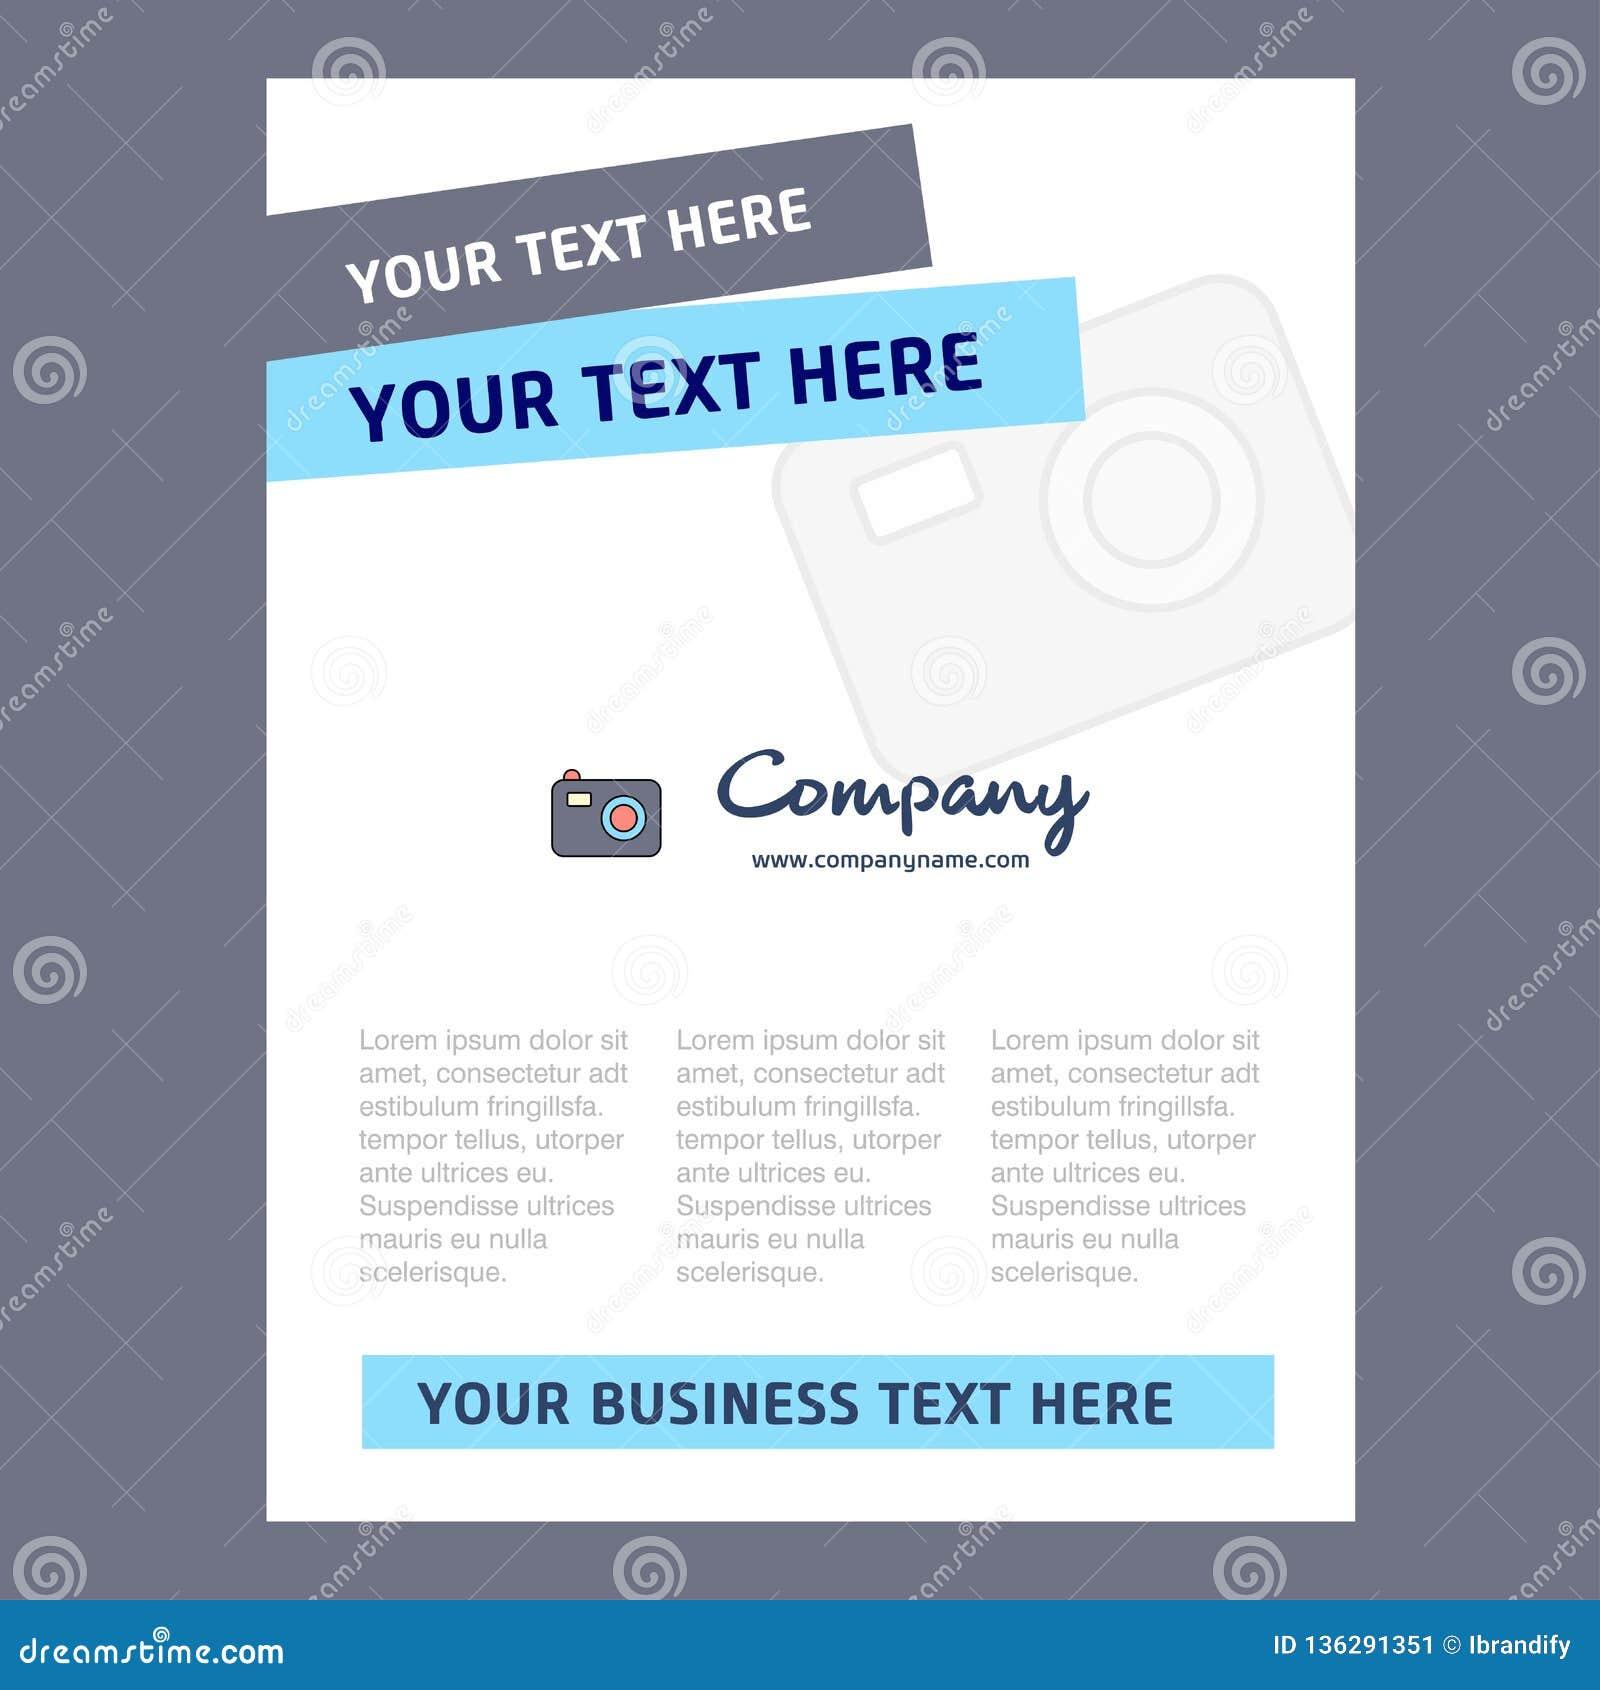 Design för kameratitelsida för företagsprofilen, årsrapport, presentationer, broschyr, broschyrvektorbakgrund